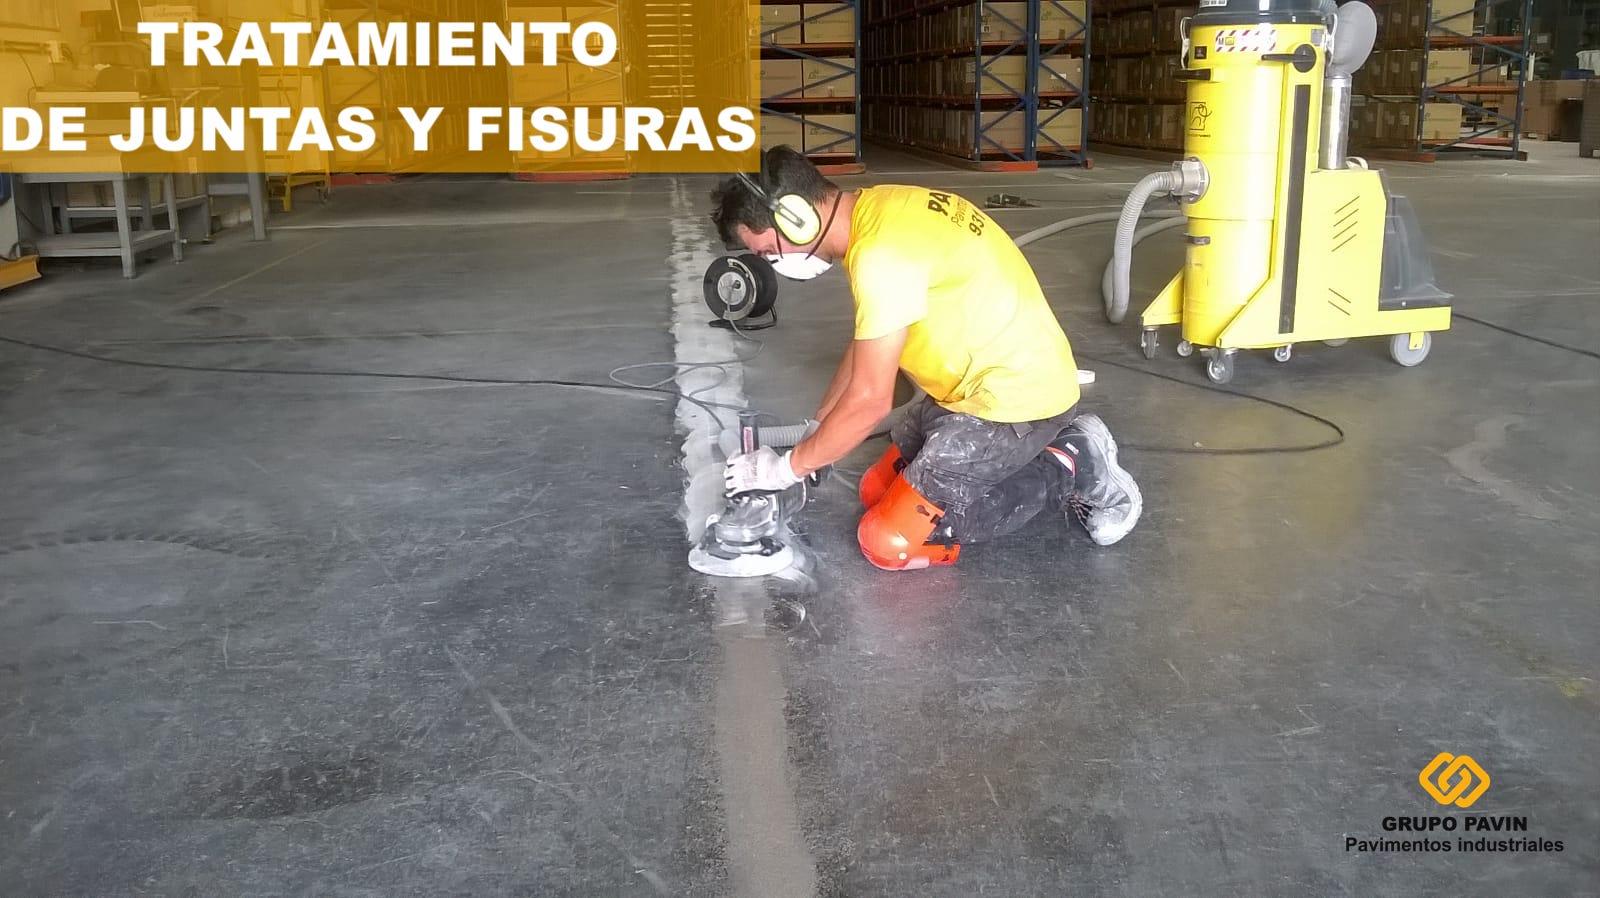 Tratamiento de juntas y fisuras en suelos industriales